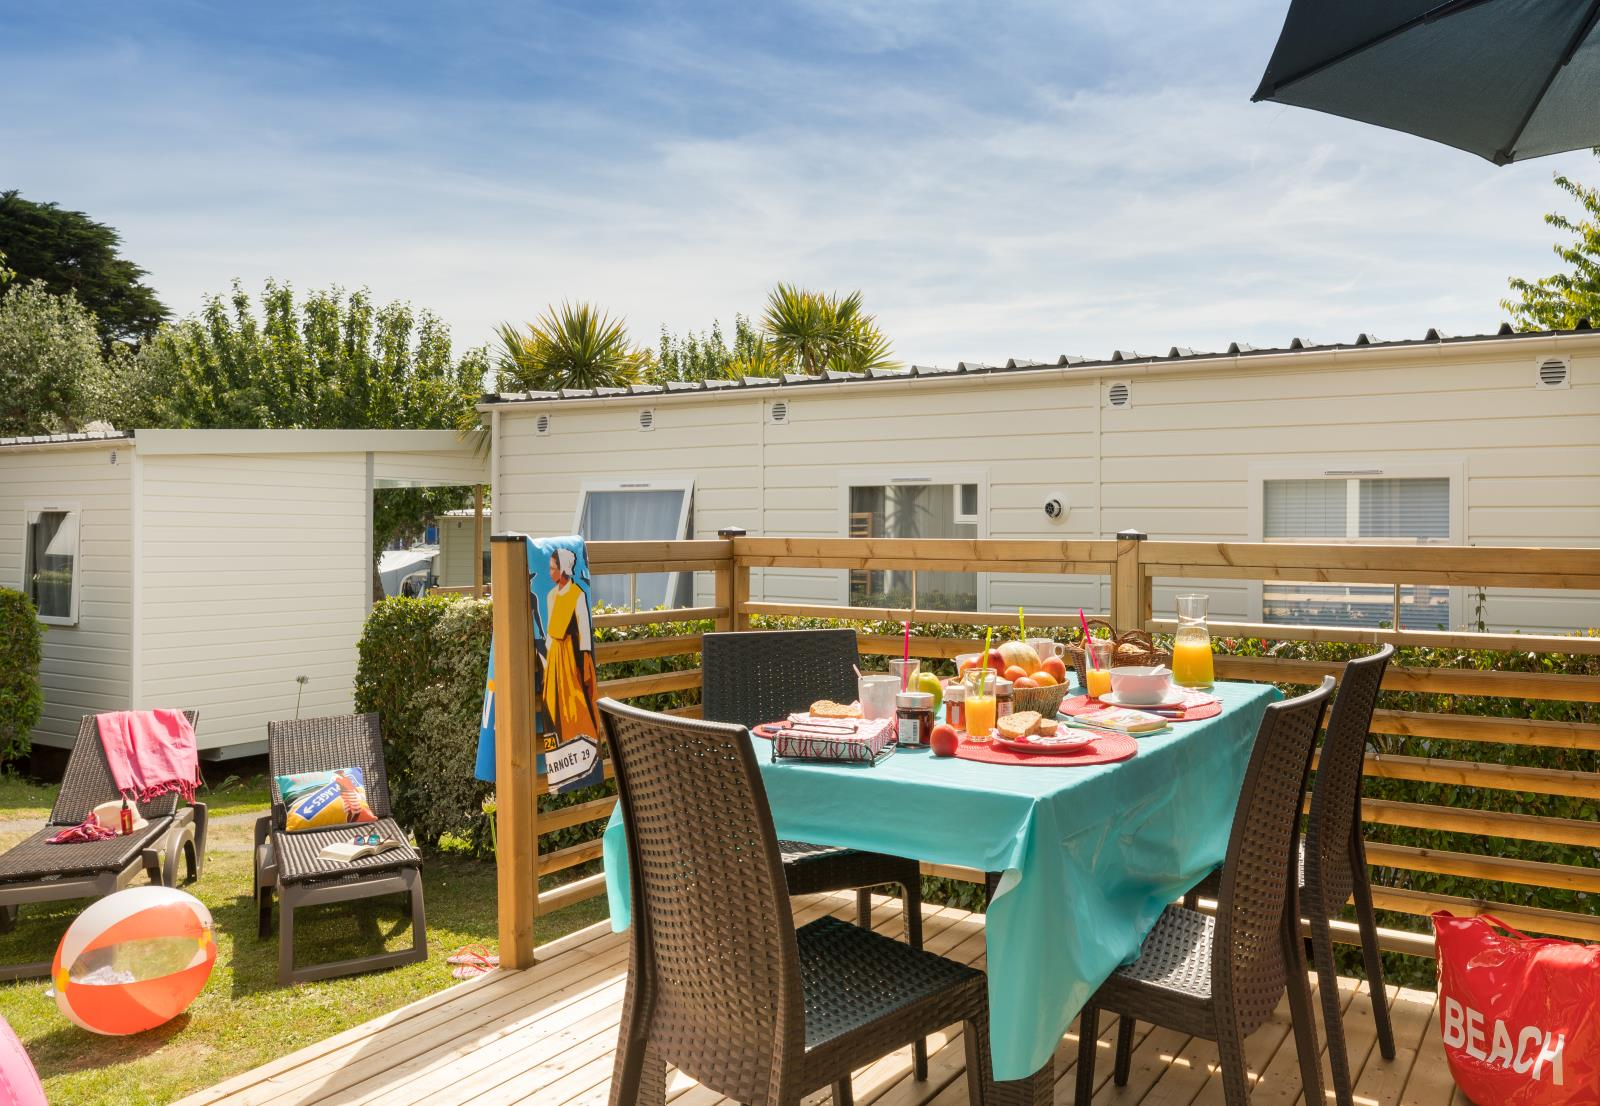 Location - L-Cottage Ty Armorik Terrasse Semi Couverte  Modèle 2018 - Camping Les Embruns